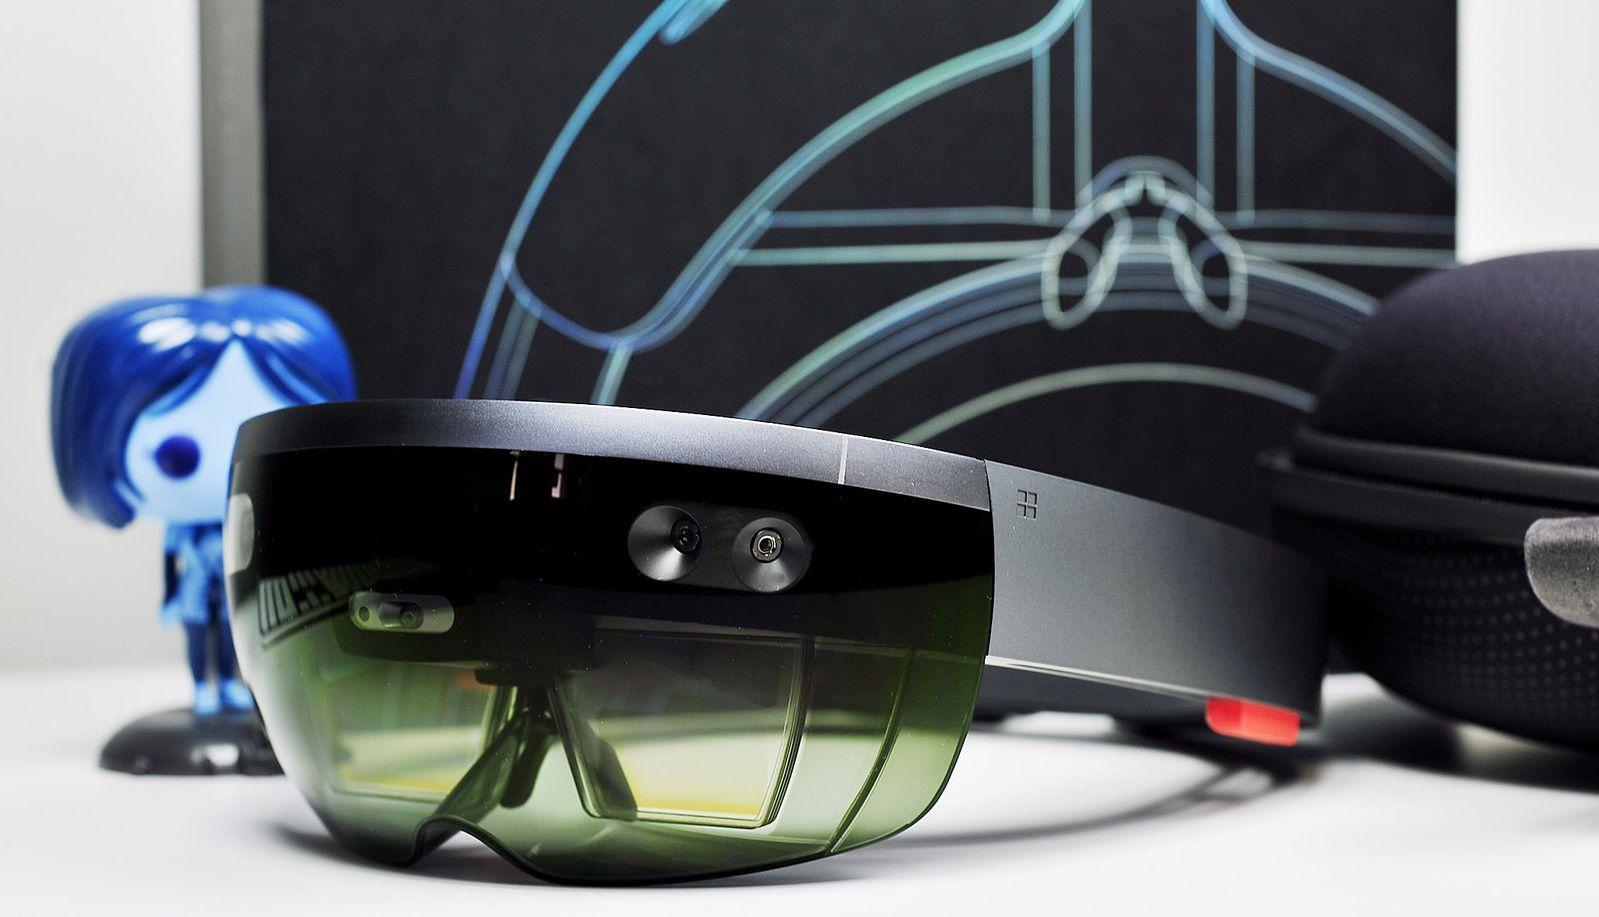 Продажи HoloLens исчисляются тысячами, и для Microsoft этого достаточно